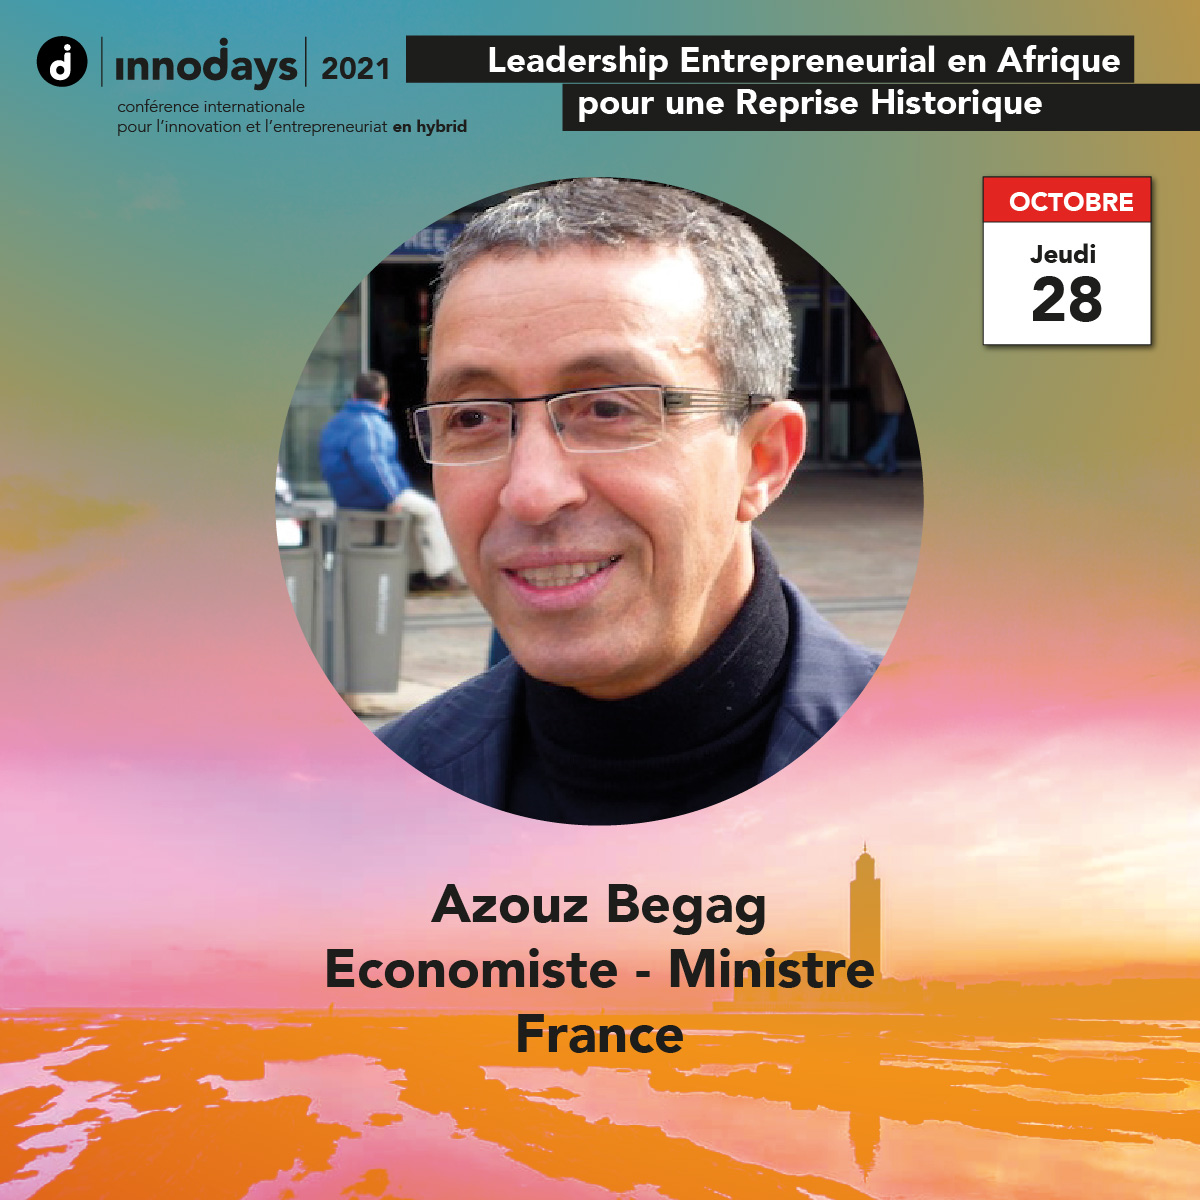 Azouz Begag - Economiste et Ministre - France